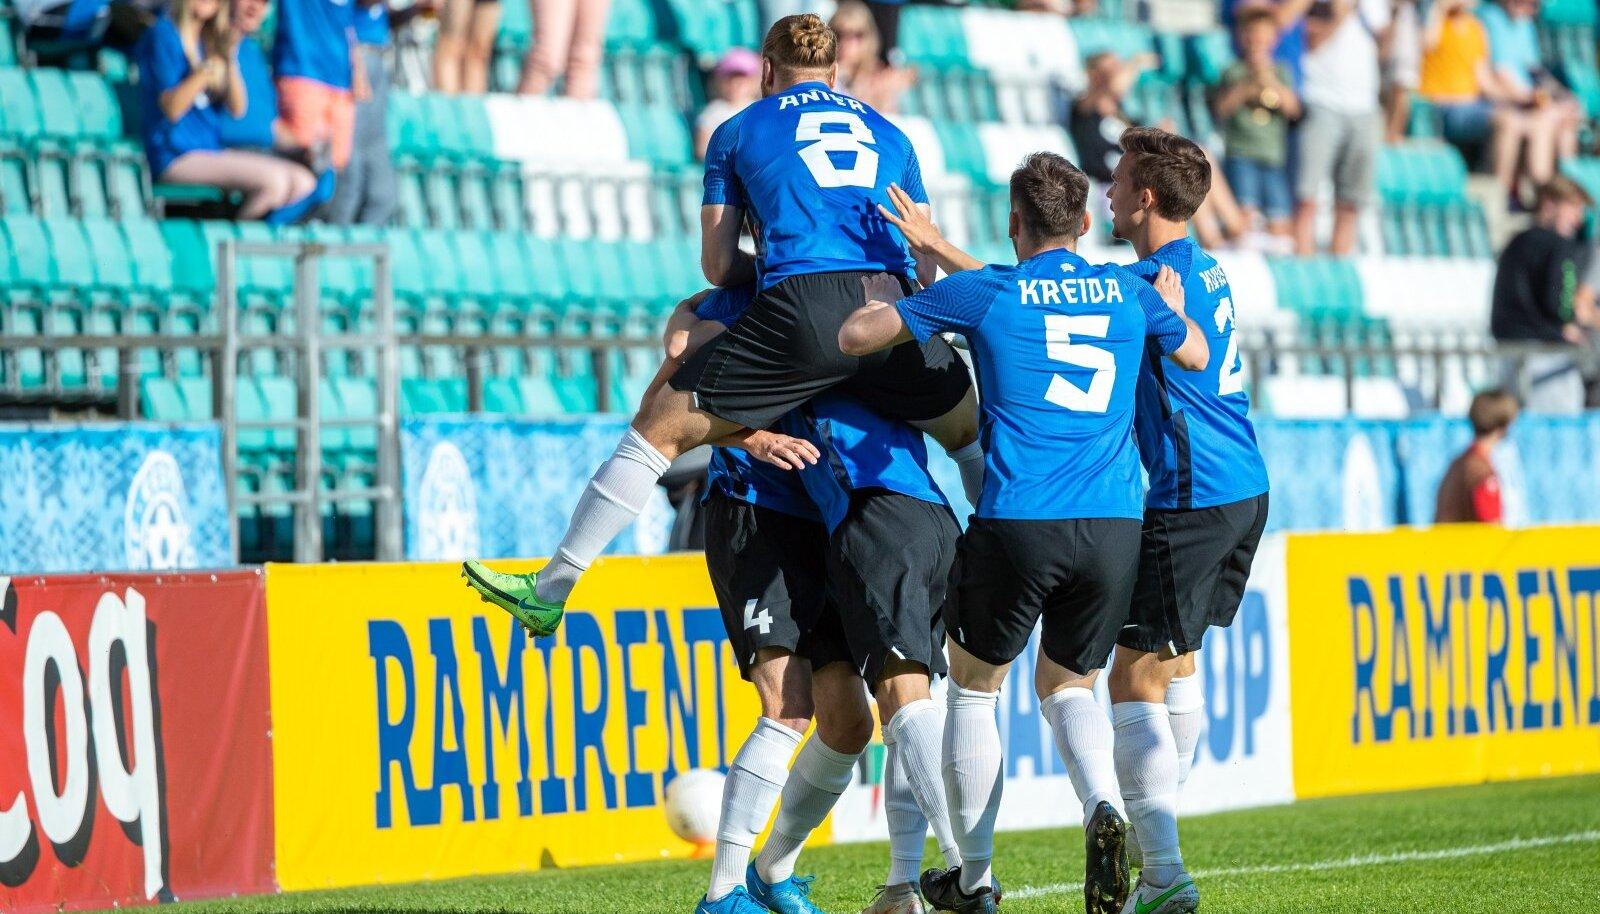 Eesti jalgpallikoondise järgmisel kohtumisel on kavas ka VAR.